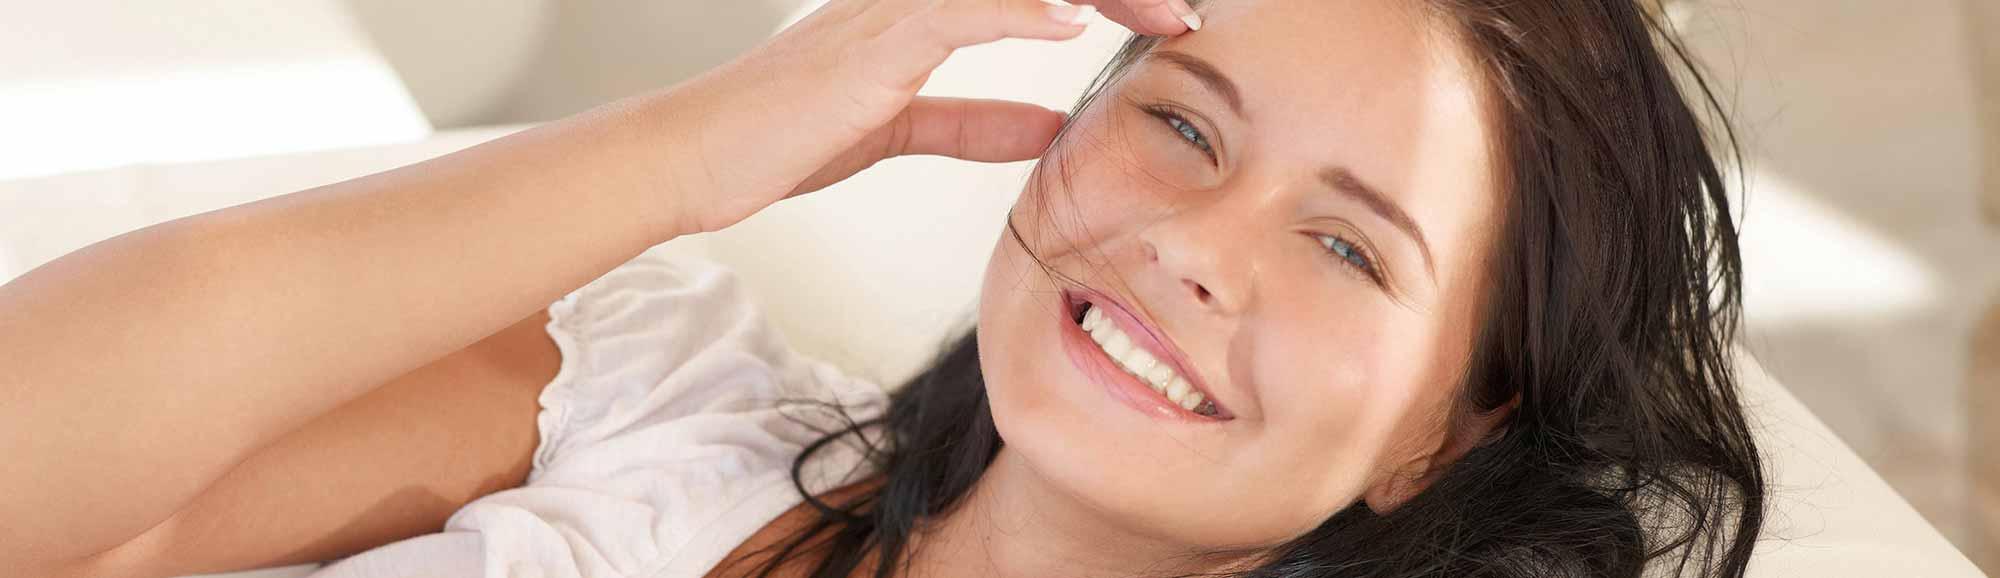 Los mejores aparatos eléctricos de belleza facial